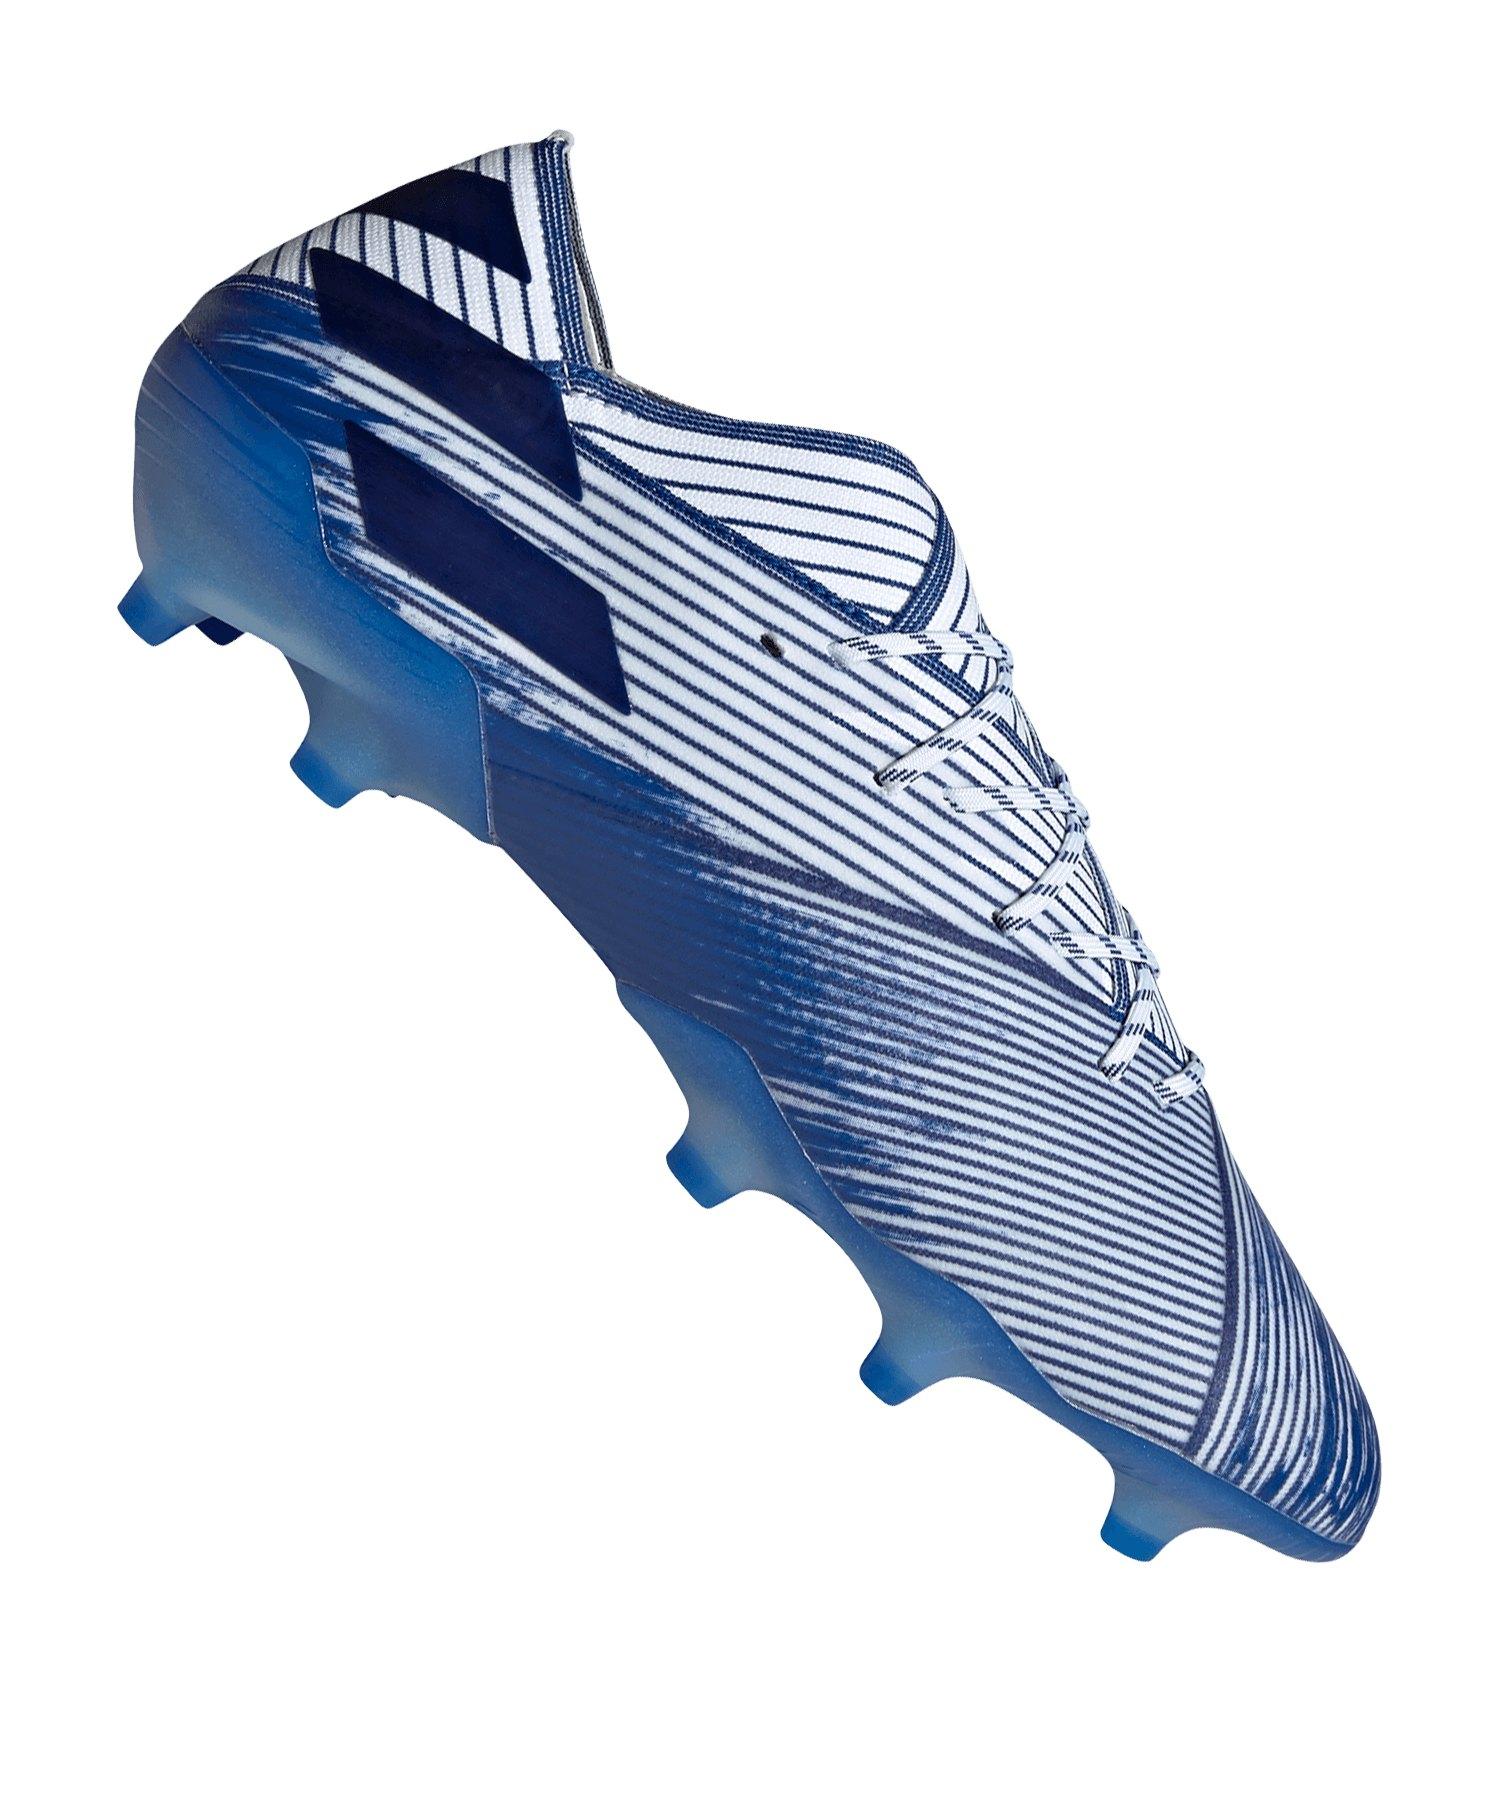 adidas NEMEZIZ 19.1 FG Weiss Blau - weiss